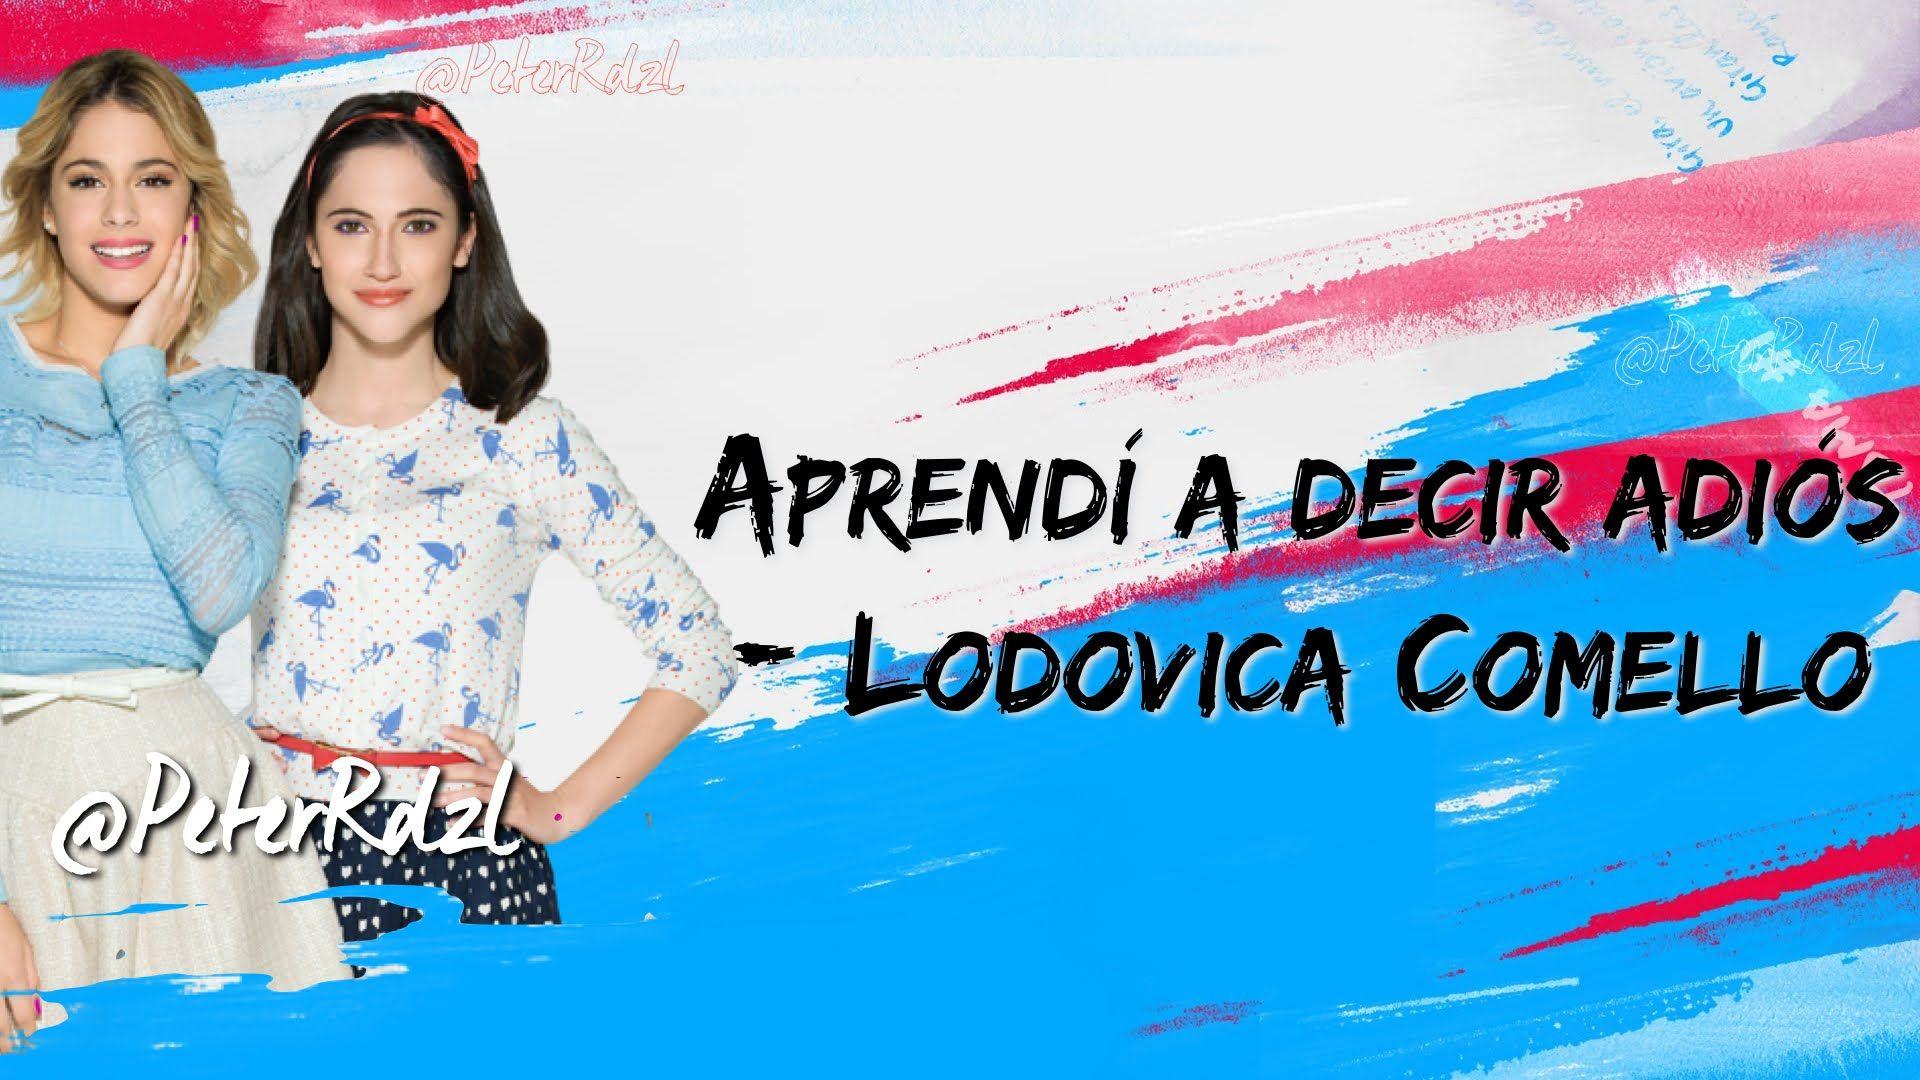 visión Distribuir desayuno  Violetta 3 - Aprendí a decir adiós - Lodovica Comello - Letra - HQ (con  imágenes) | Karaoke, Aprender a, Ropa dibujo